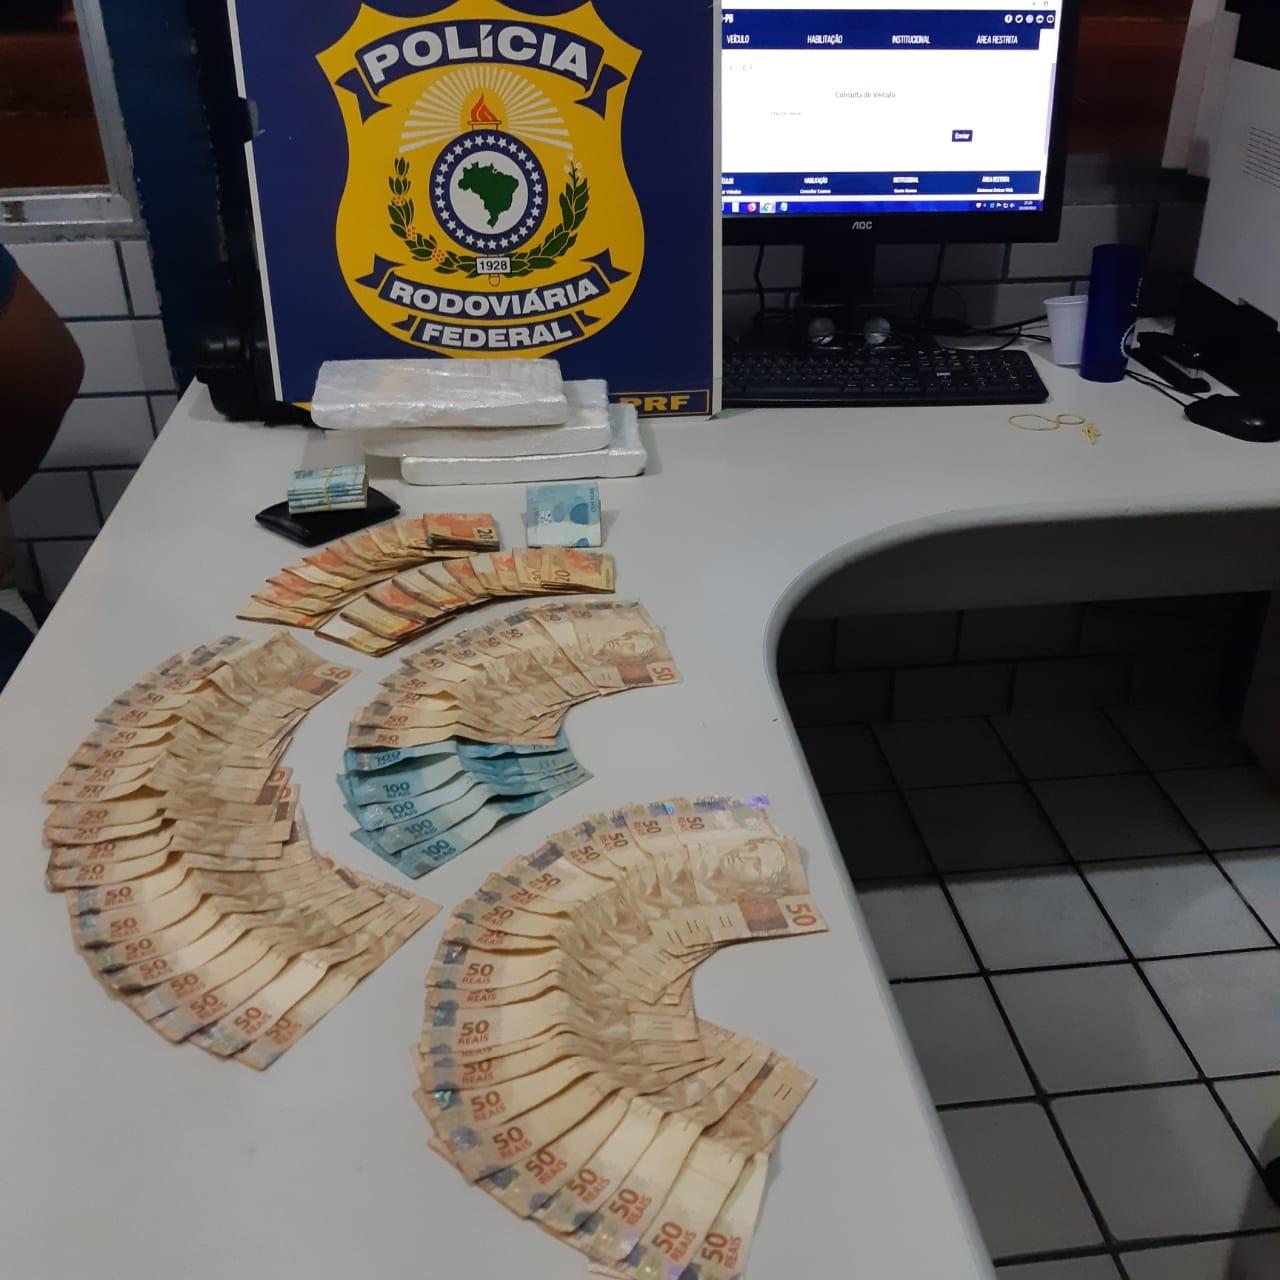 Homem com mais de 3 kg de cocaína e R$ 10 mil é preso pela PRF, na Paraíba - Notícias - Plantão Diário